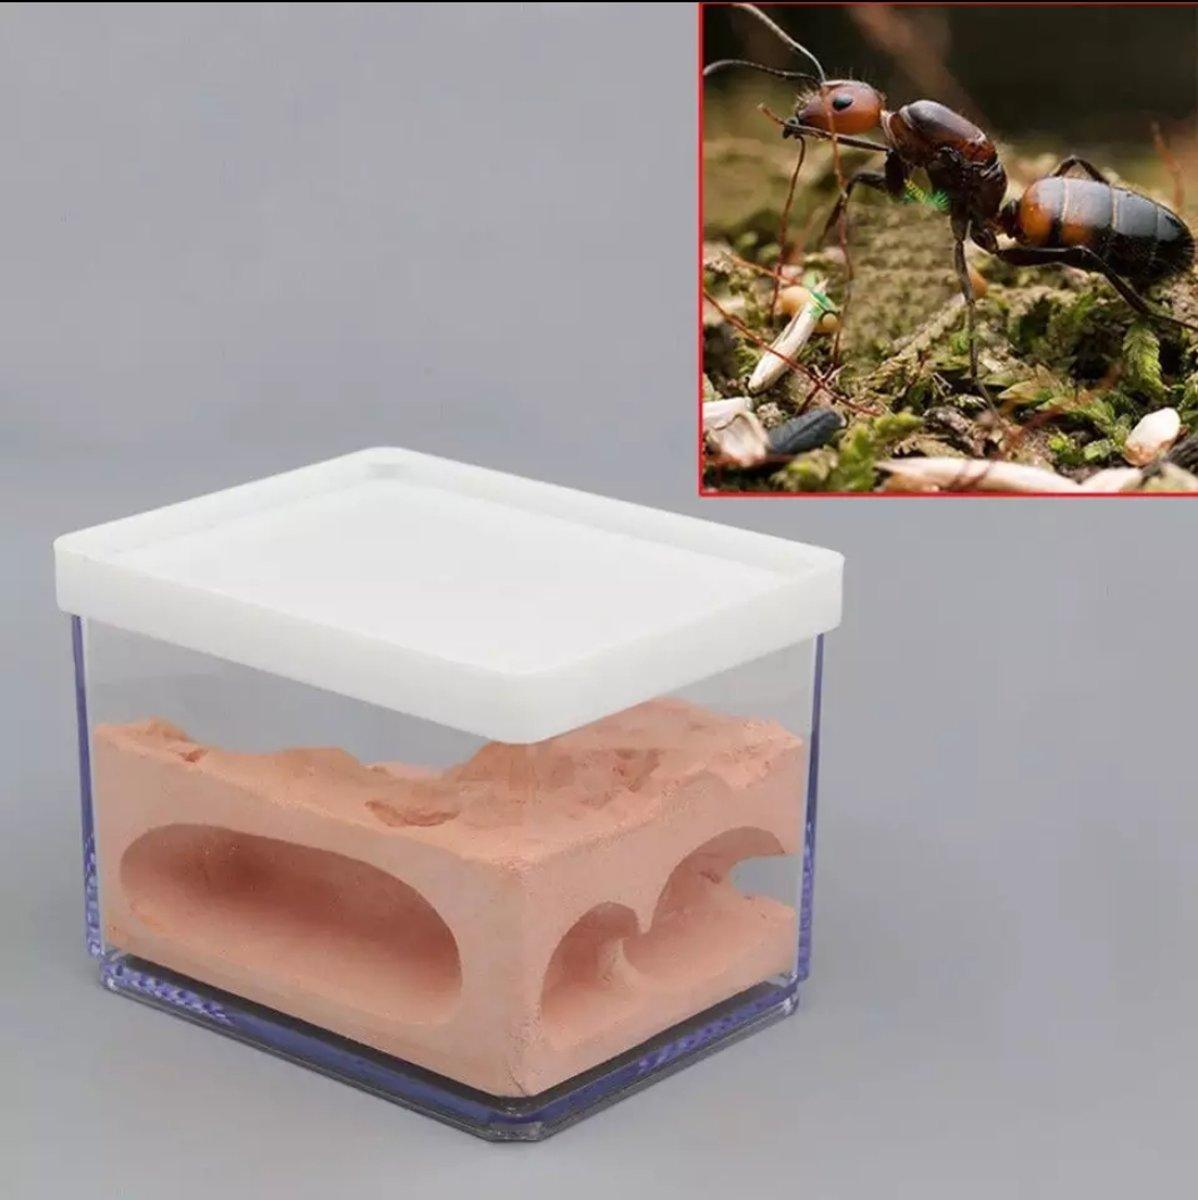 Mierenboerderij / formicarium van gips